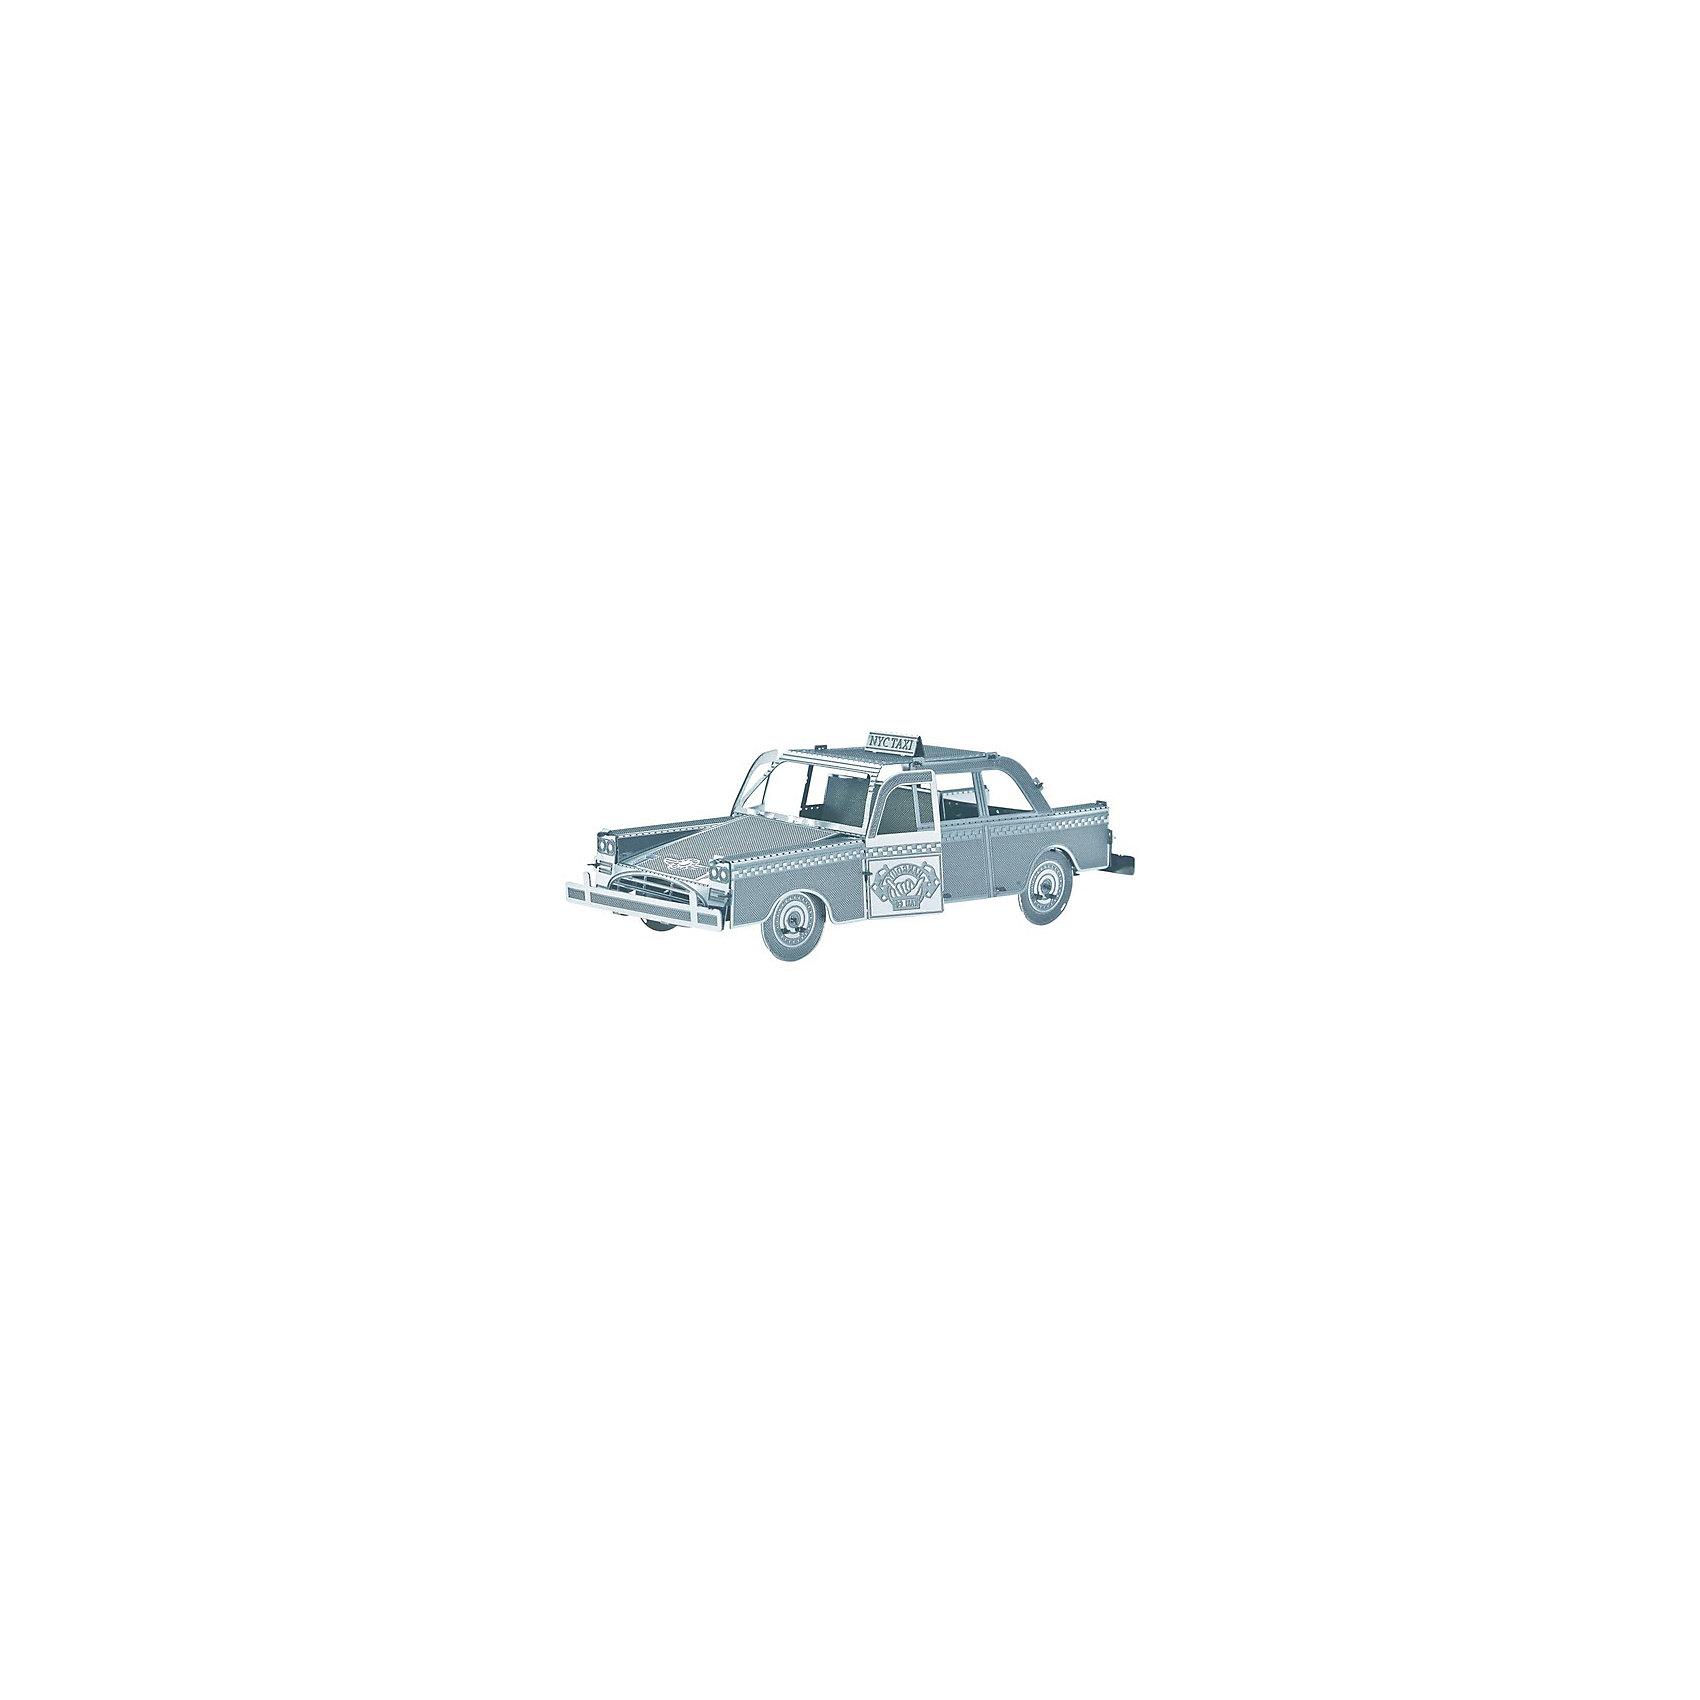 Сборная модель-3D Такси L<br><br>Ширина мм: 17<br>Глубина мм: 12<br>Высота мм: 10<br>Вес г: 29<br>Возраст от месяцев: 144<br>Возраст до месяцев: 2147483647<br>Пол: Унисекс<br>Возраст: Детский<br>SKU: 5362967